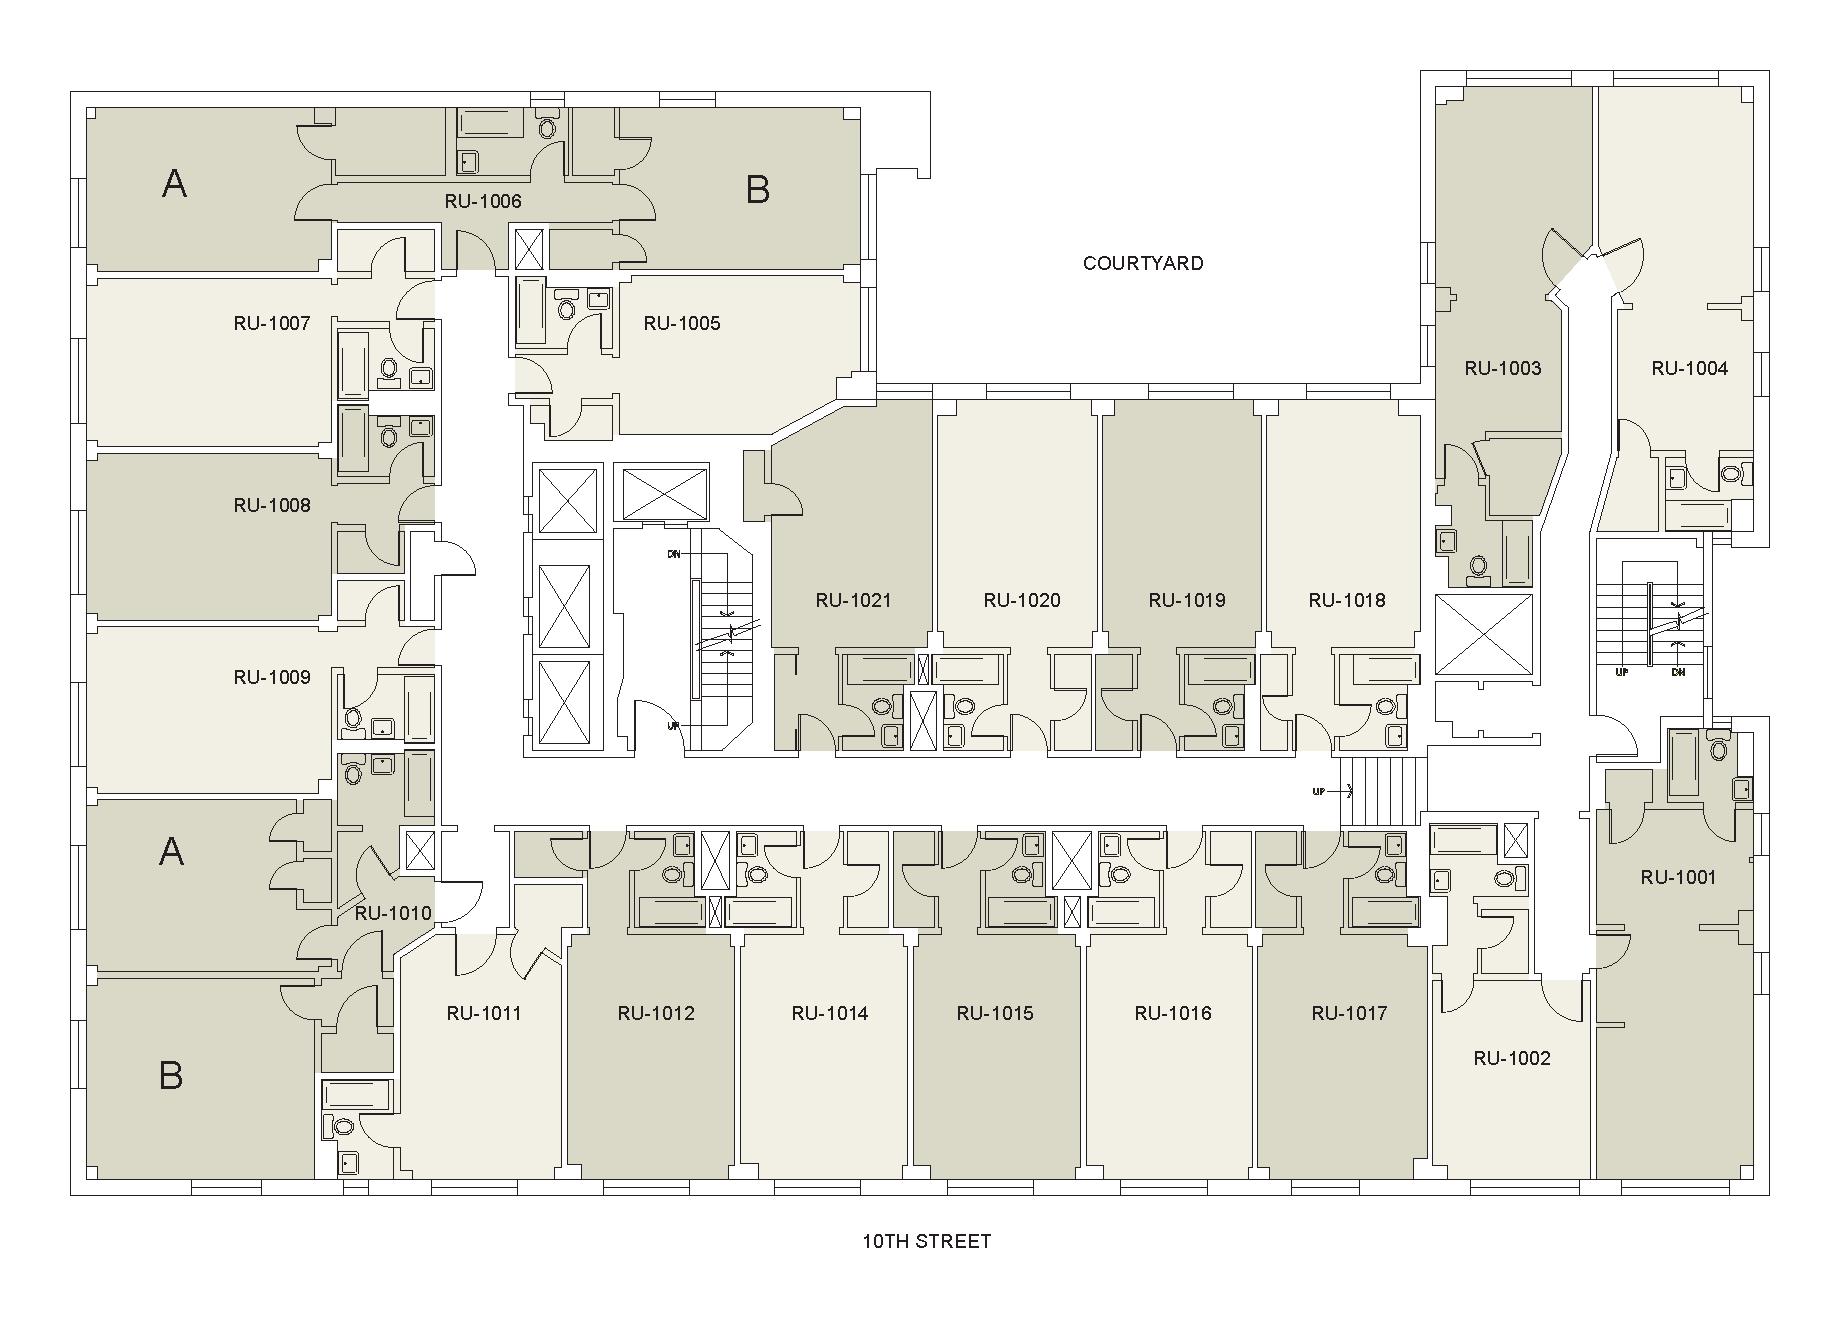 Floor plan for Rubin Floor 10